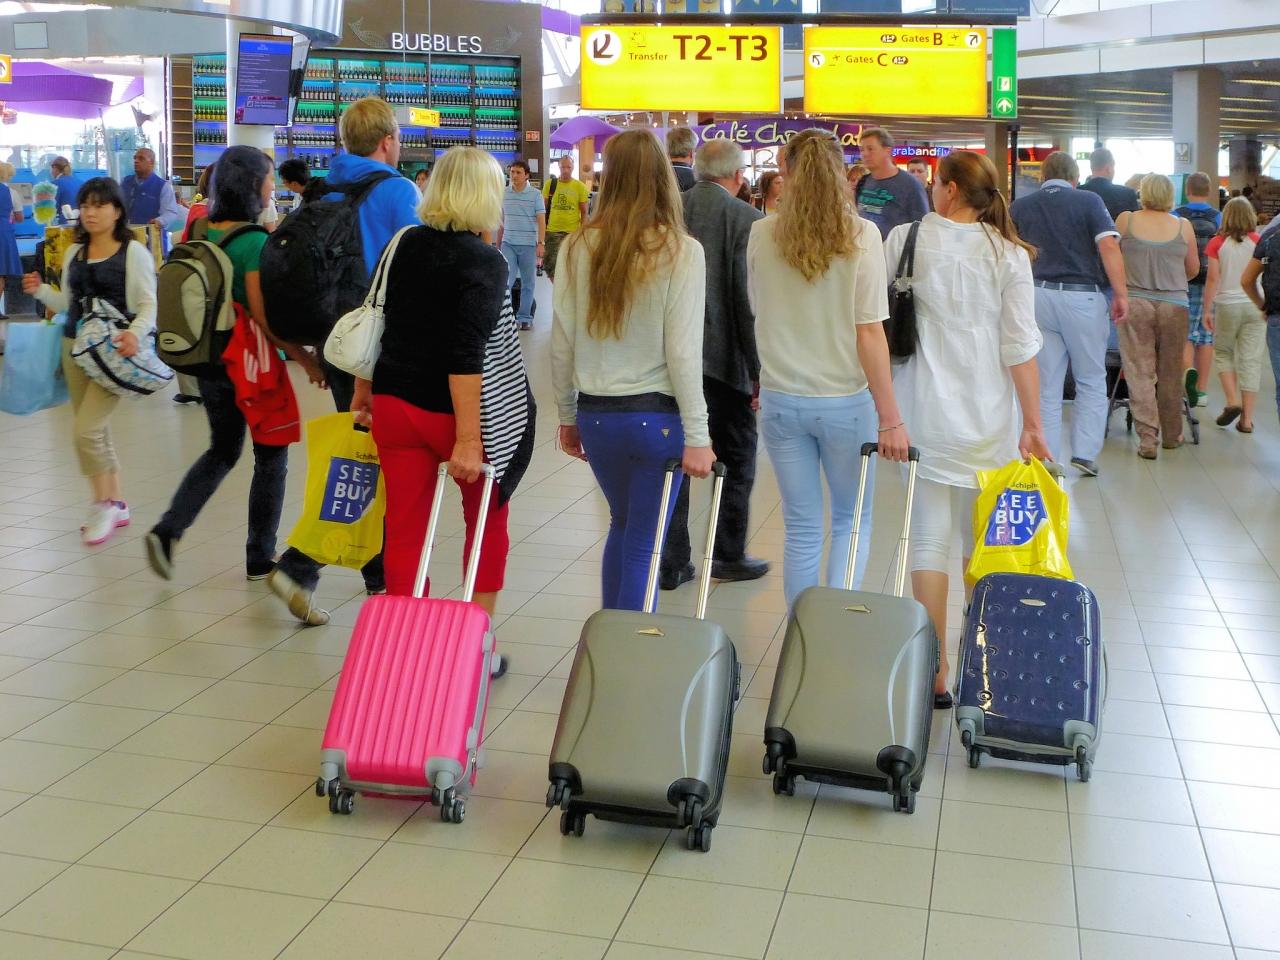 Bellas rubias en el aeropuerto - 1280x960